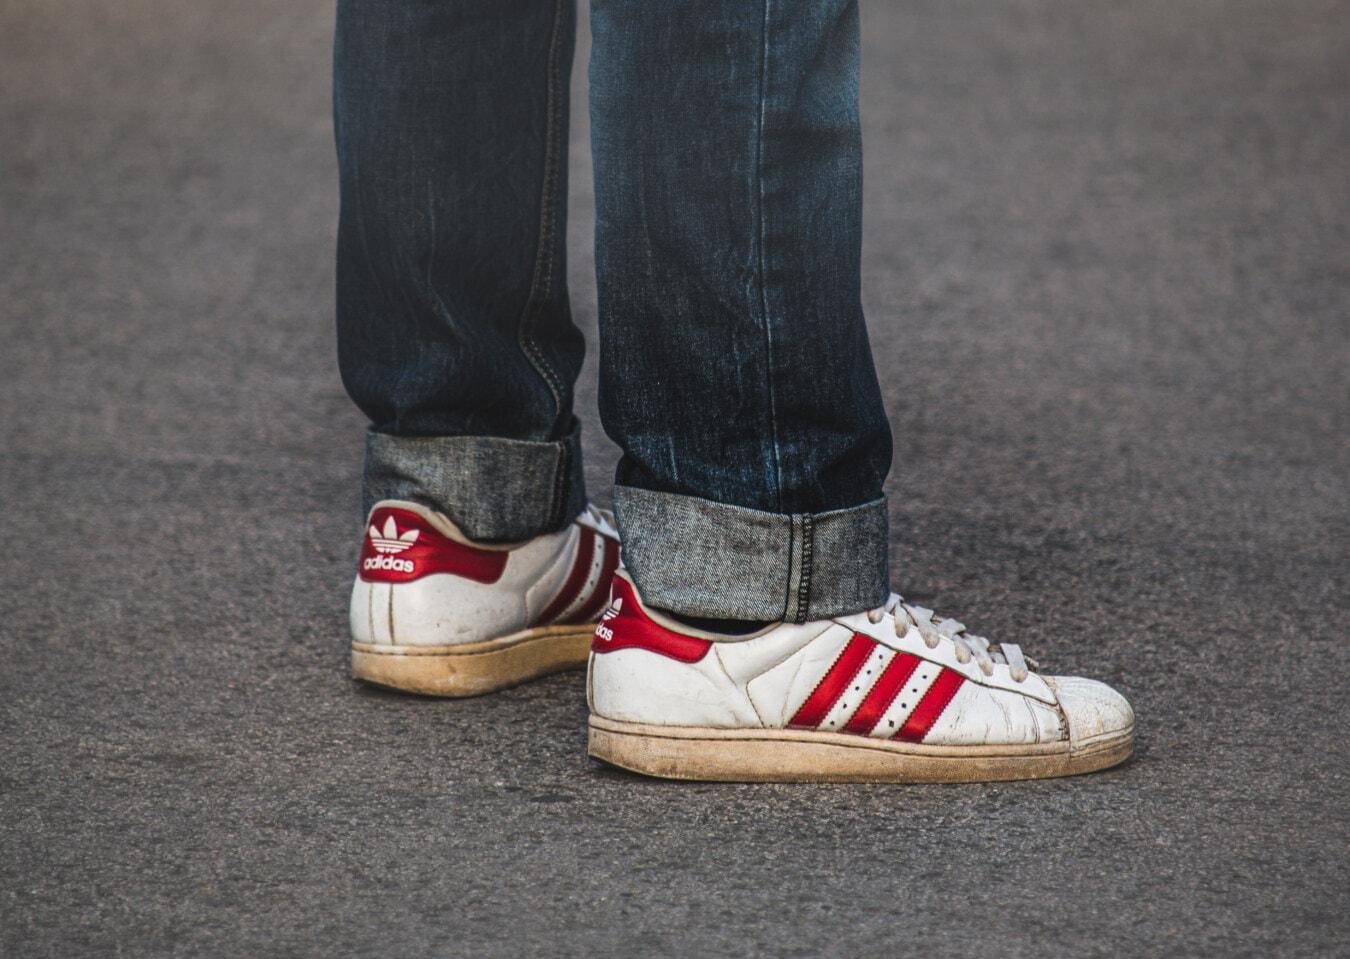 Adidas, blanc, rouge, chaussures de sport, Jeans/Pantalons, Jeans, denim, bleu foncé, classique, rue